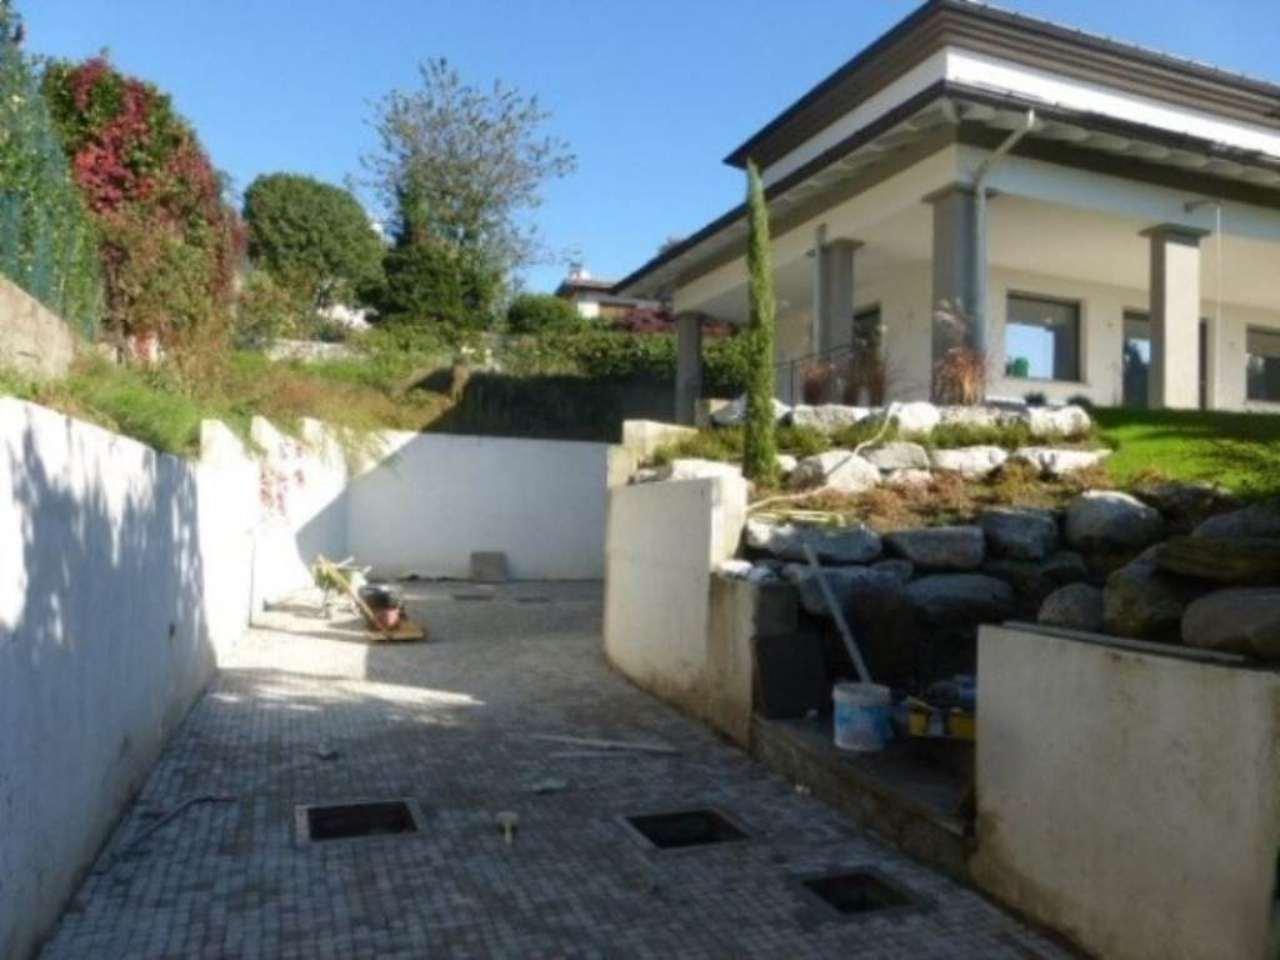 Villa in affitto a Varese, 13 locali, Trattative riservate | Cambio Casa.it